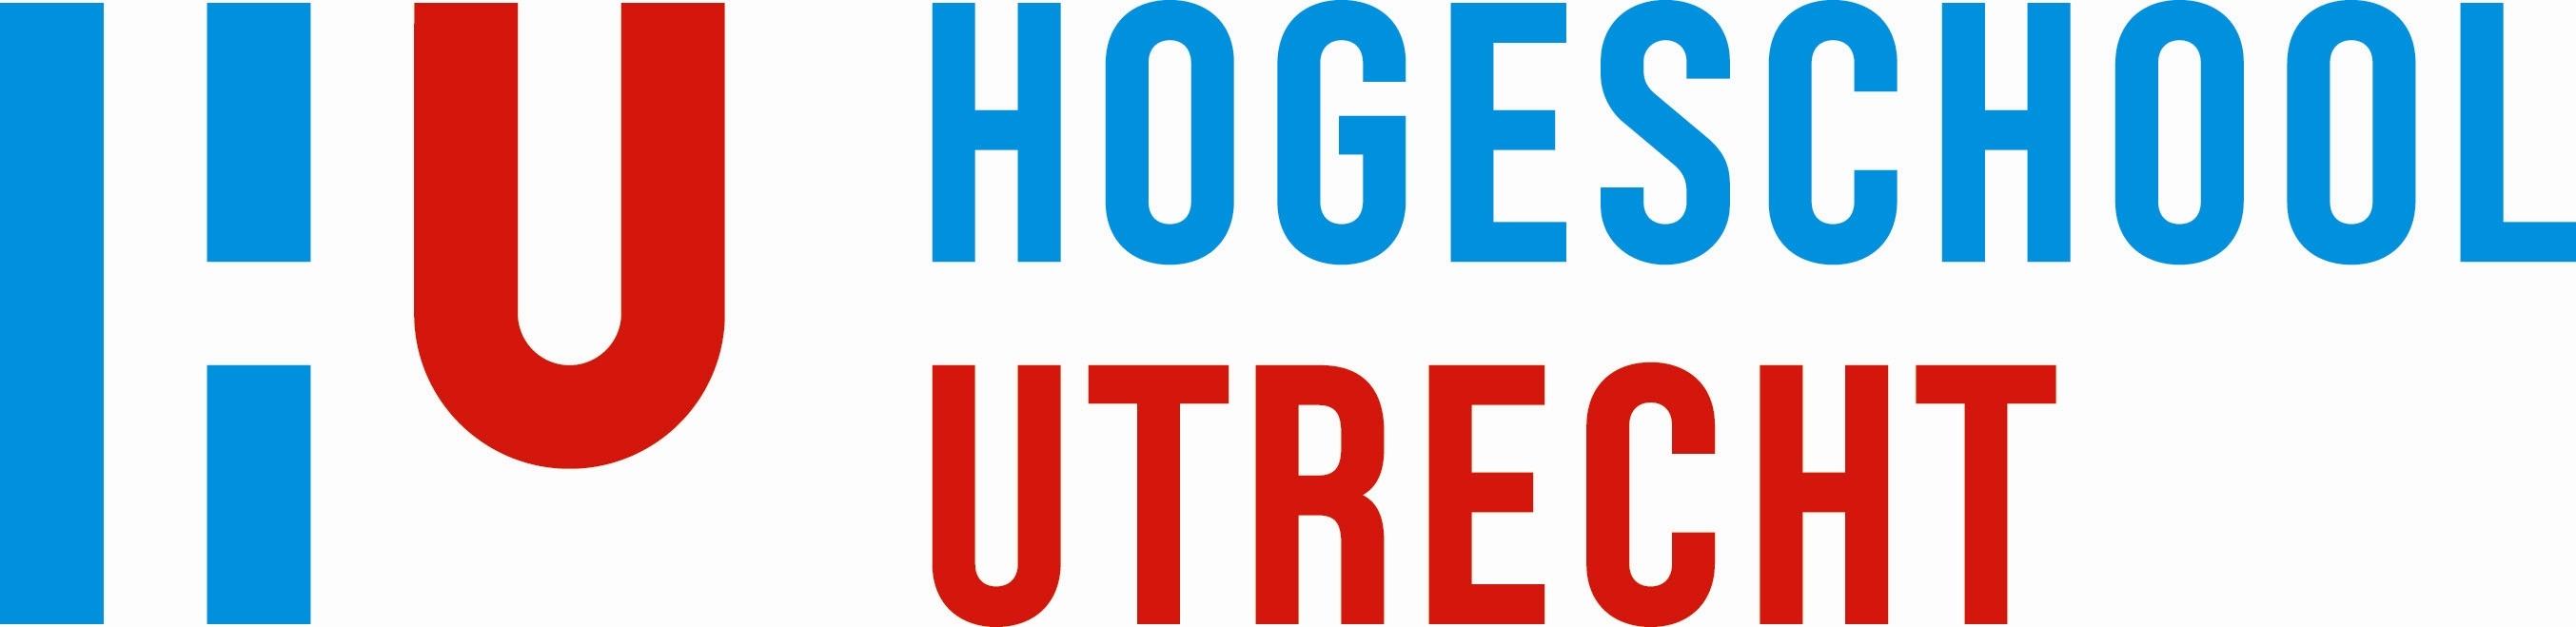 Hogeschool Utrecht_logo